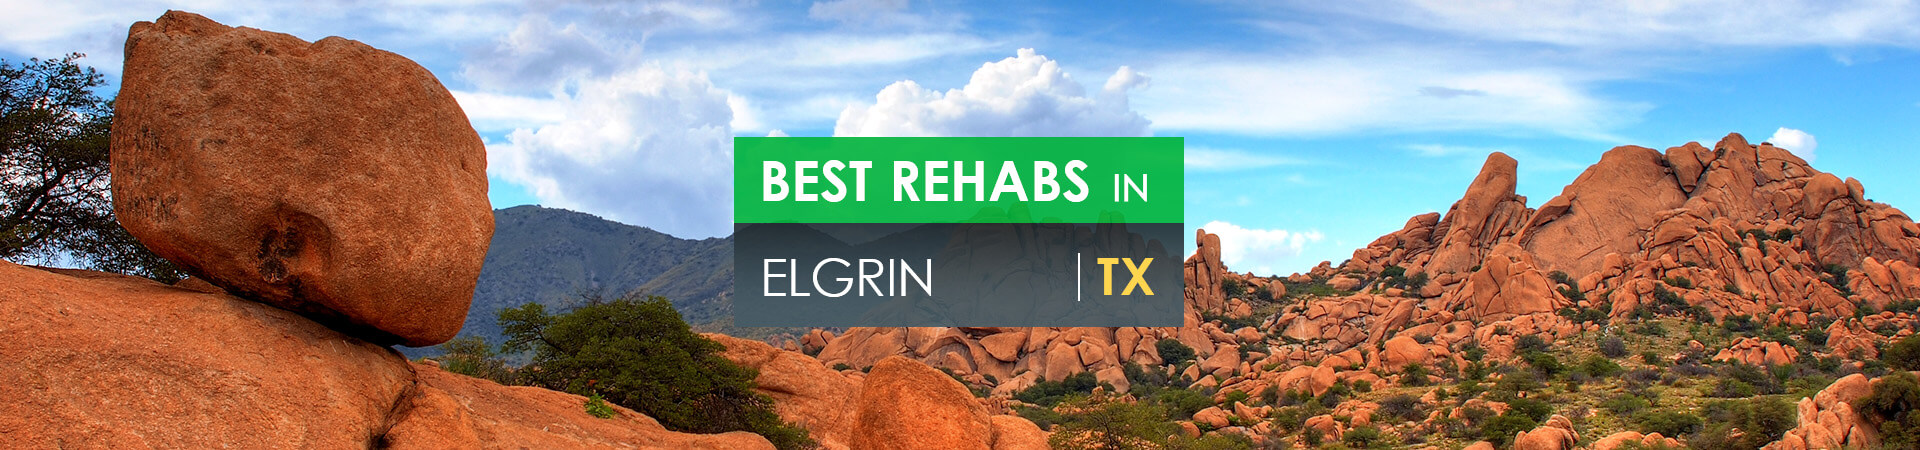 Best rehabs in Elgrin, TX